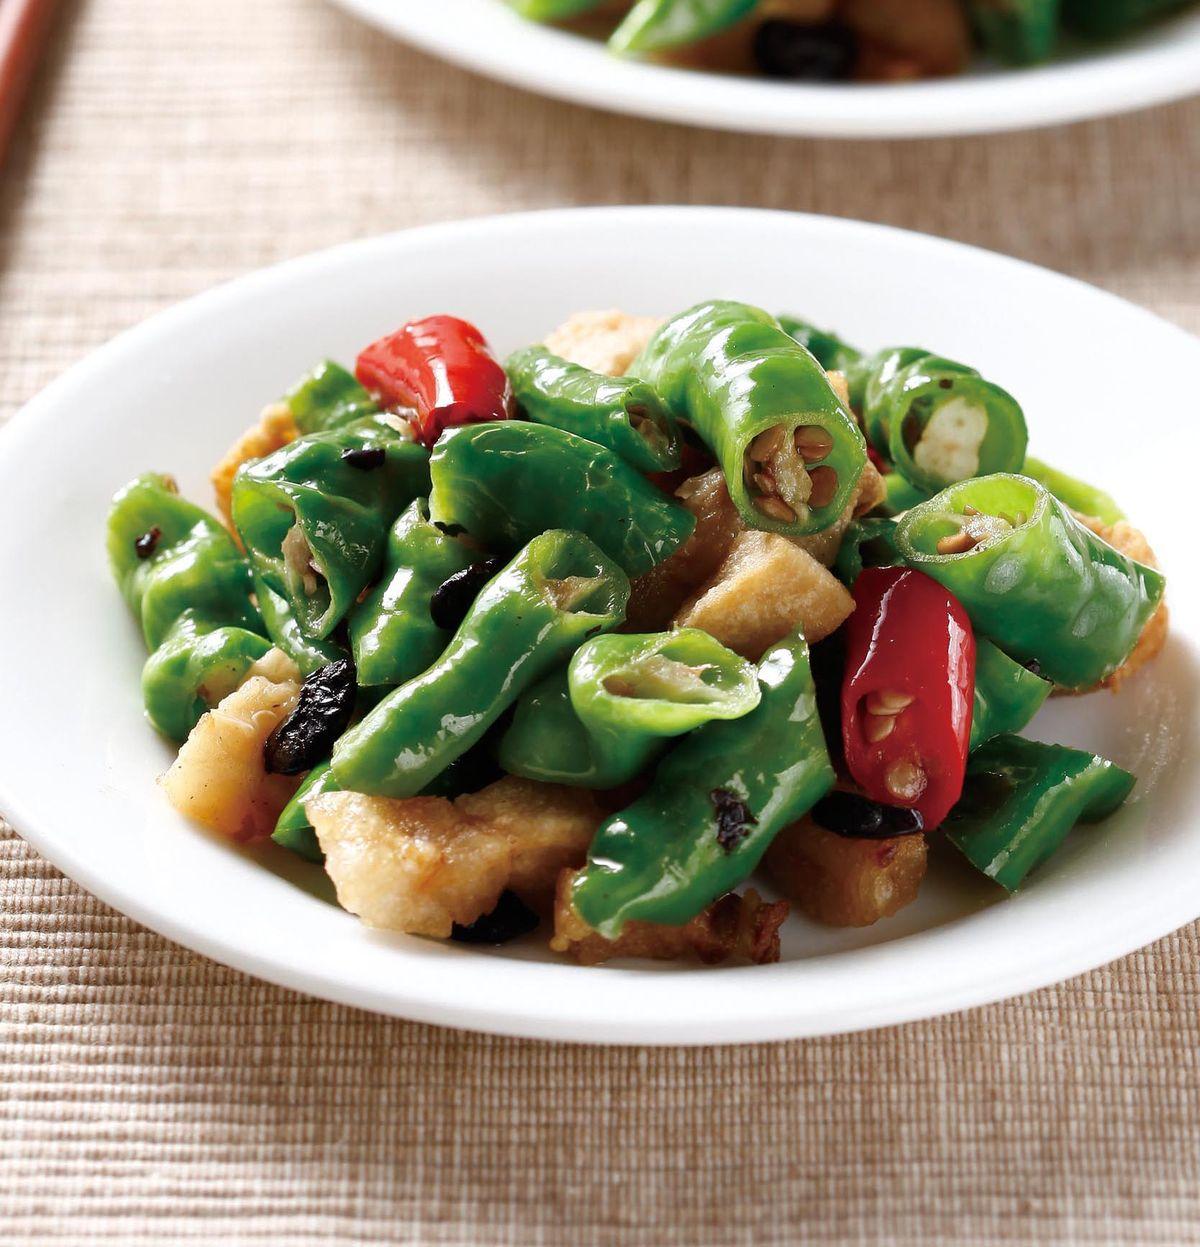 食譜:豬油渣炒豆豉糯米椒